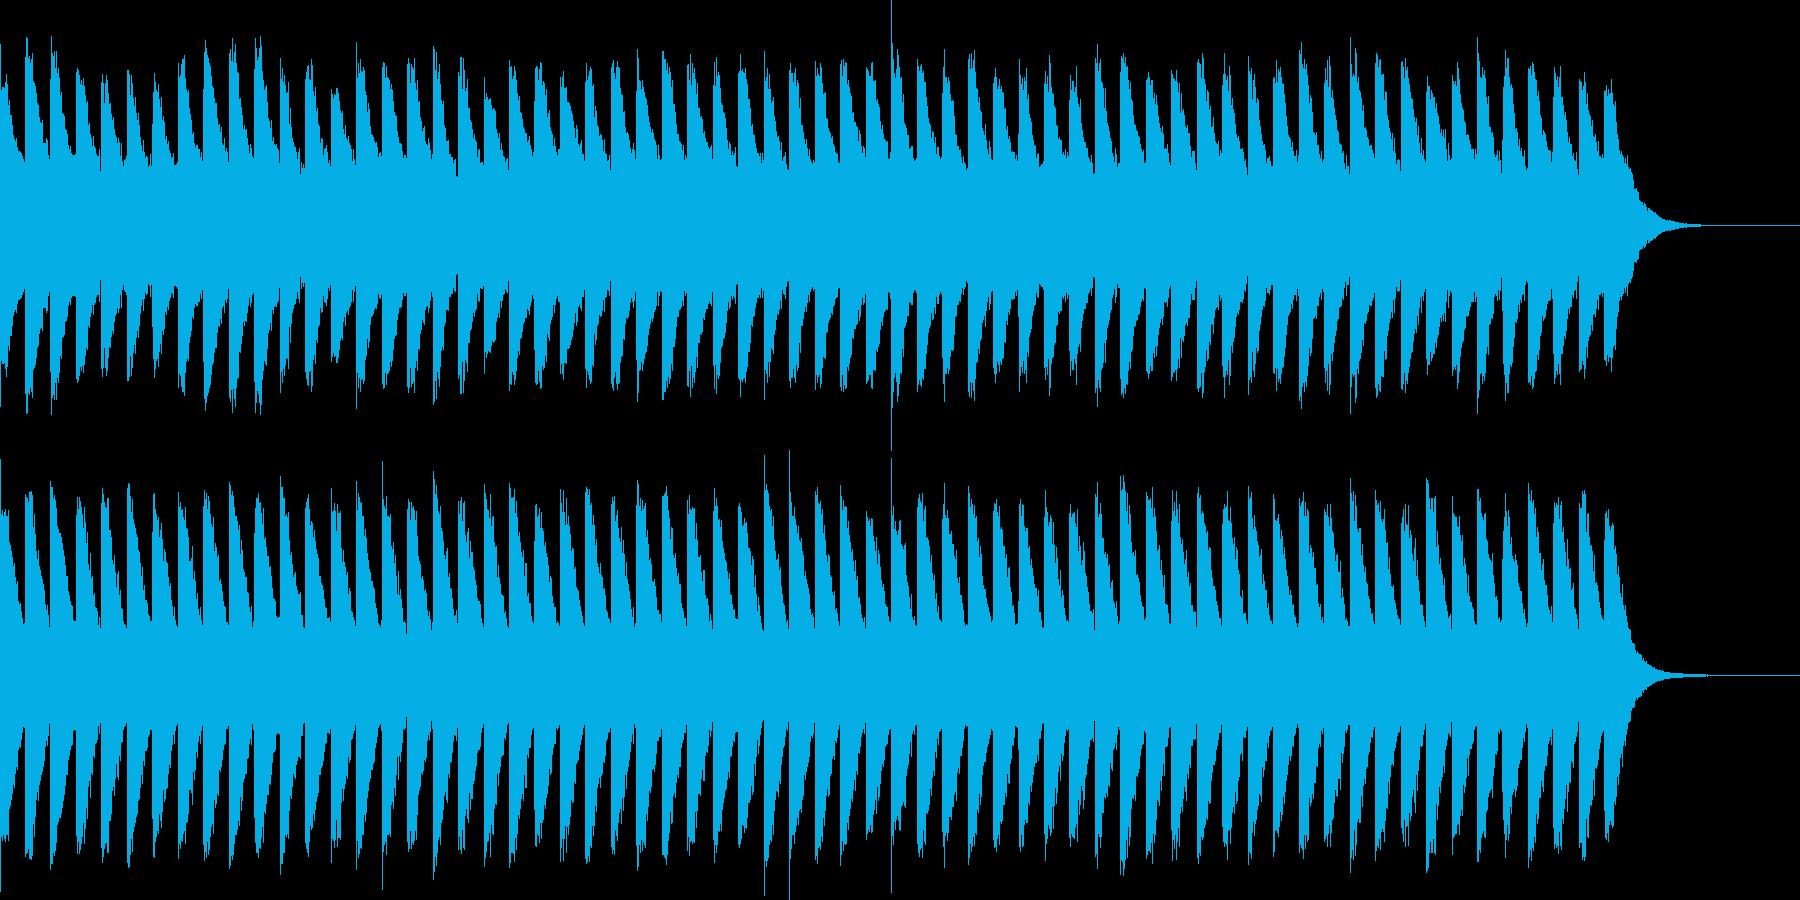 カンカンカン...。踏切D(低・長)の再生済みの波形